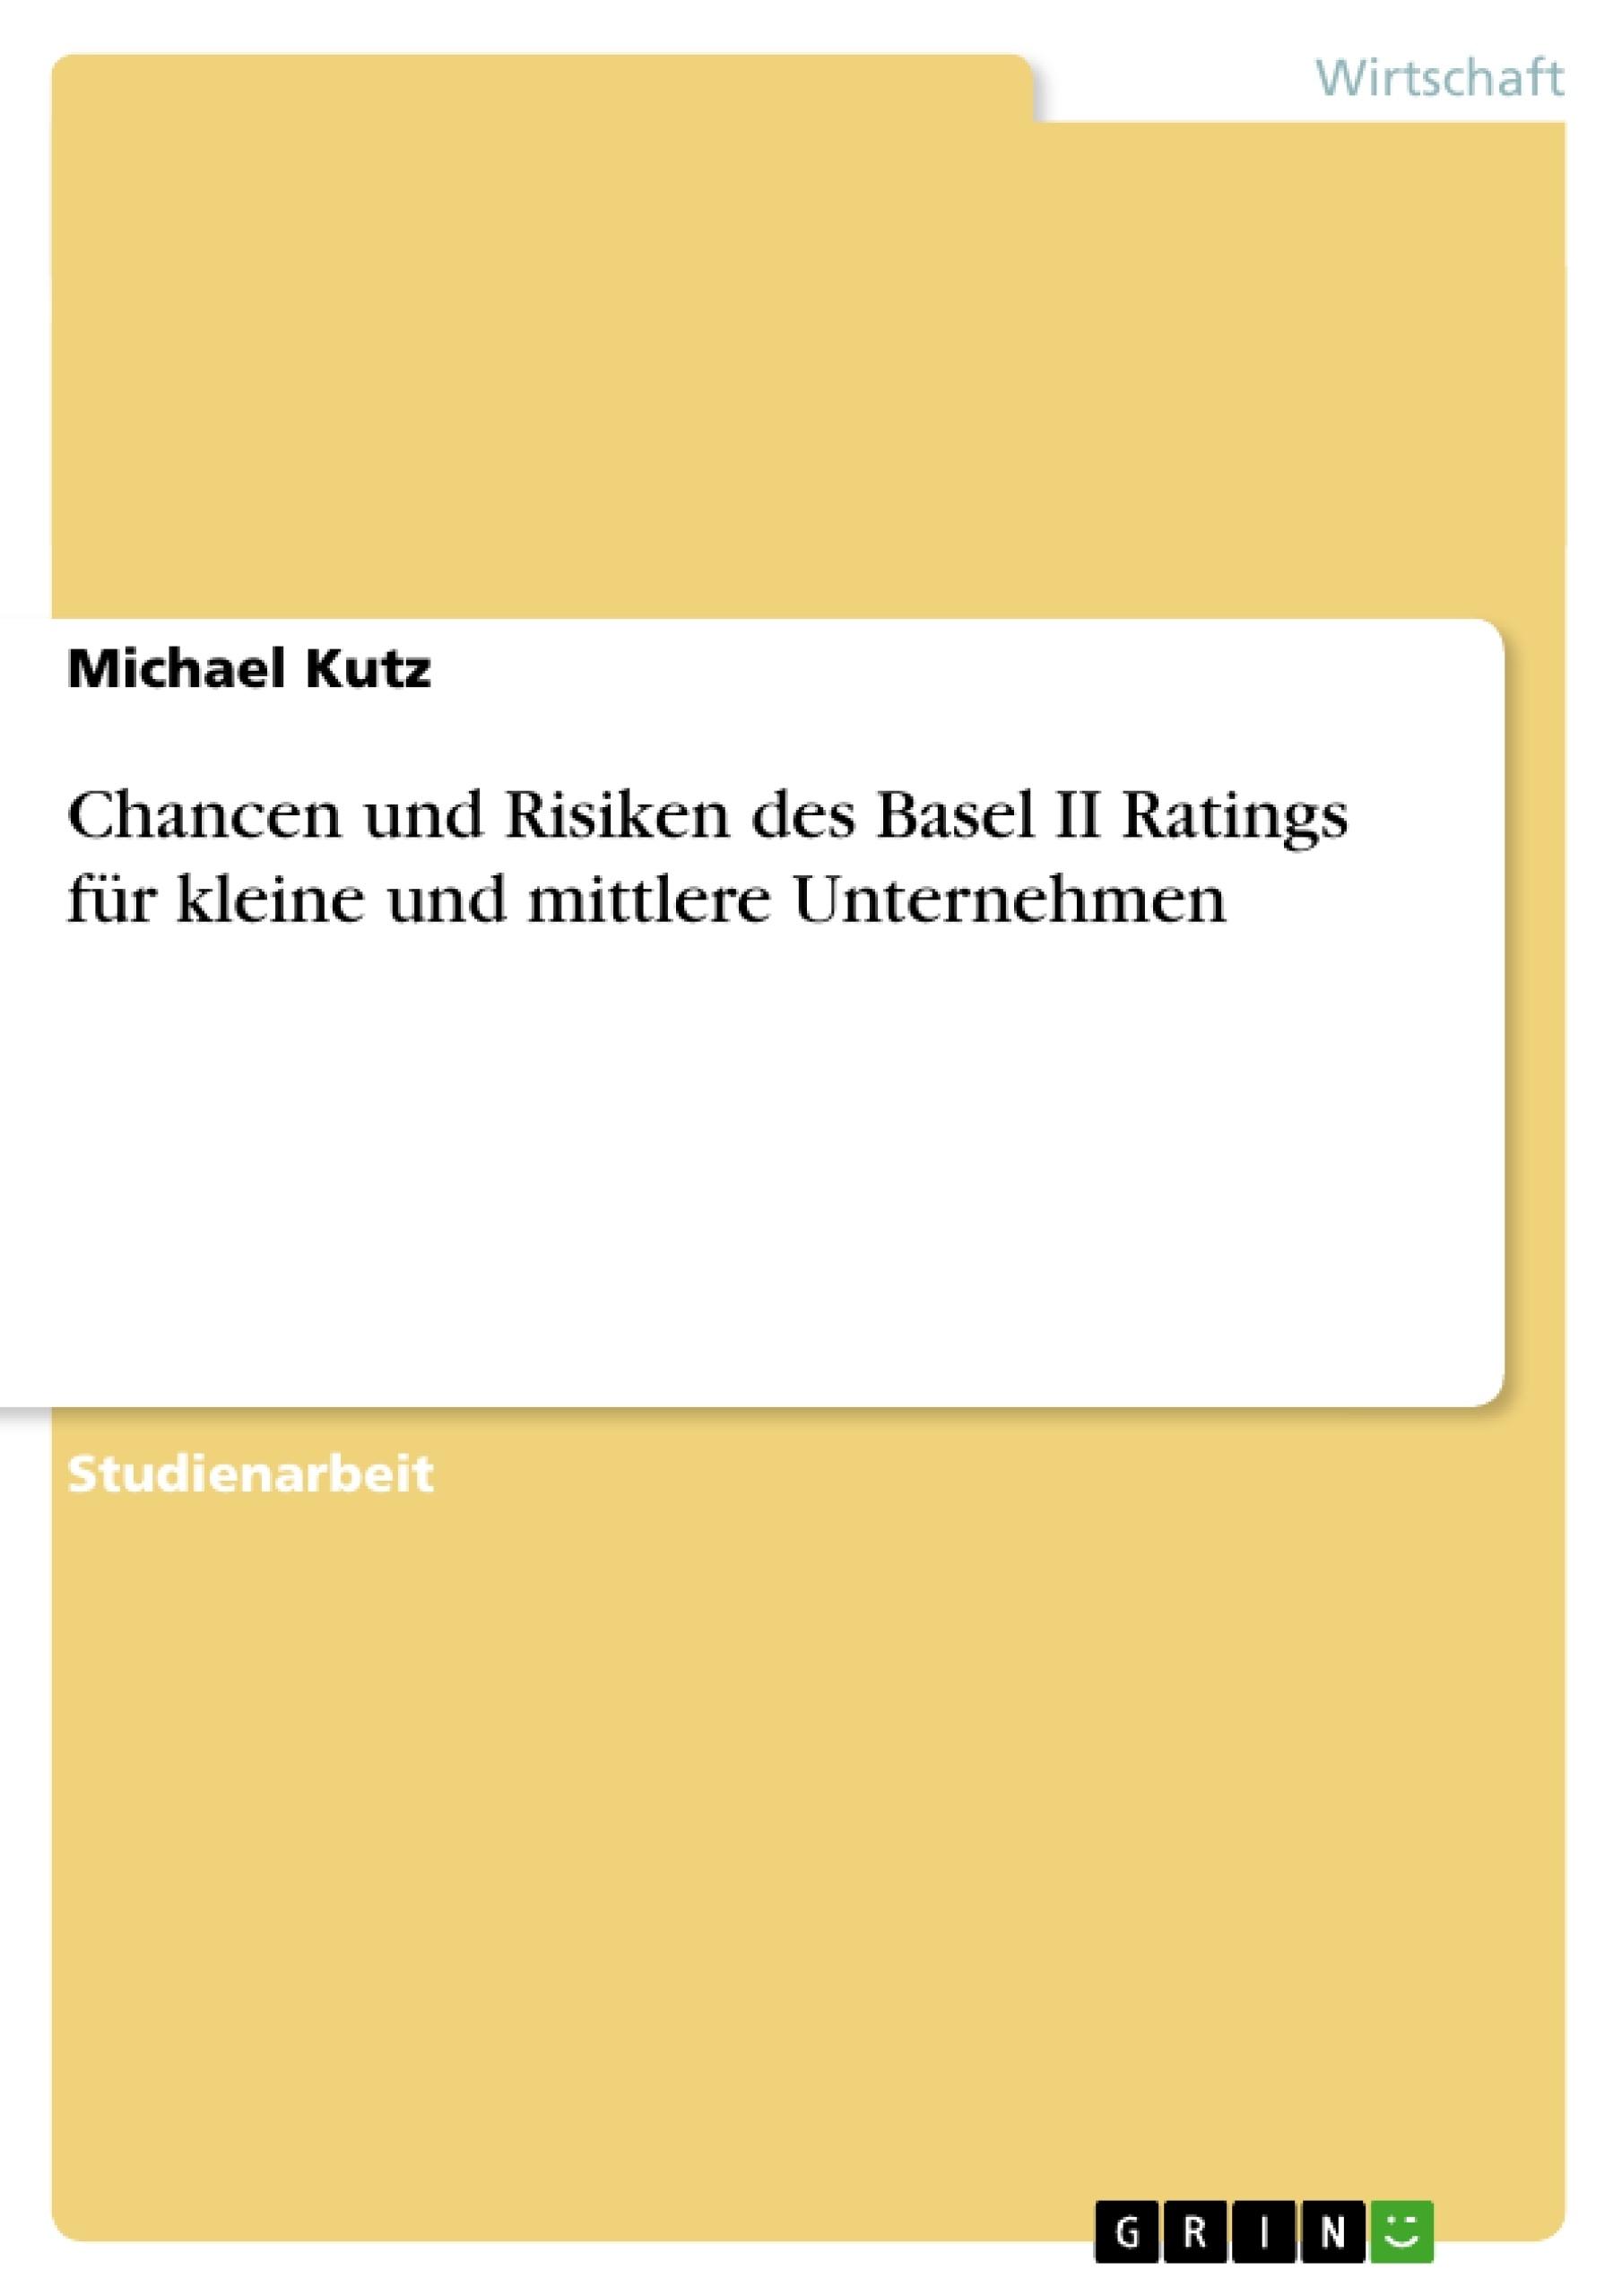 Titel: Chancen und Risiken des Basel II Ratings für kleine und mittlere Unternehmen